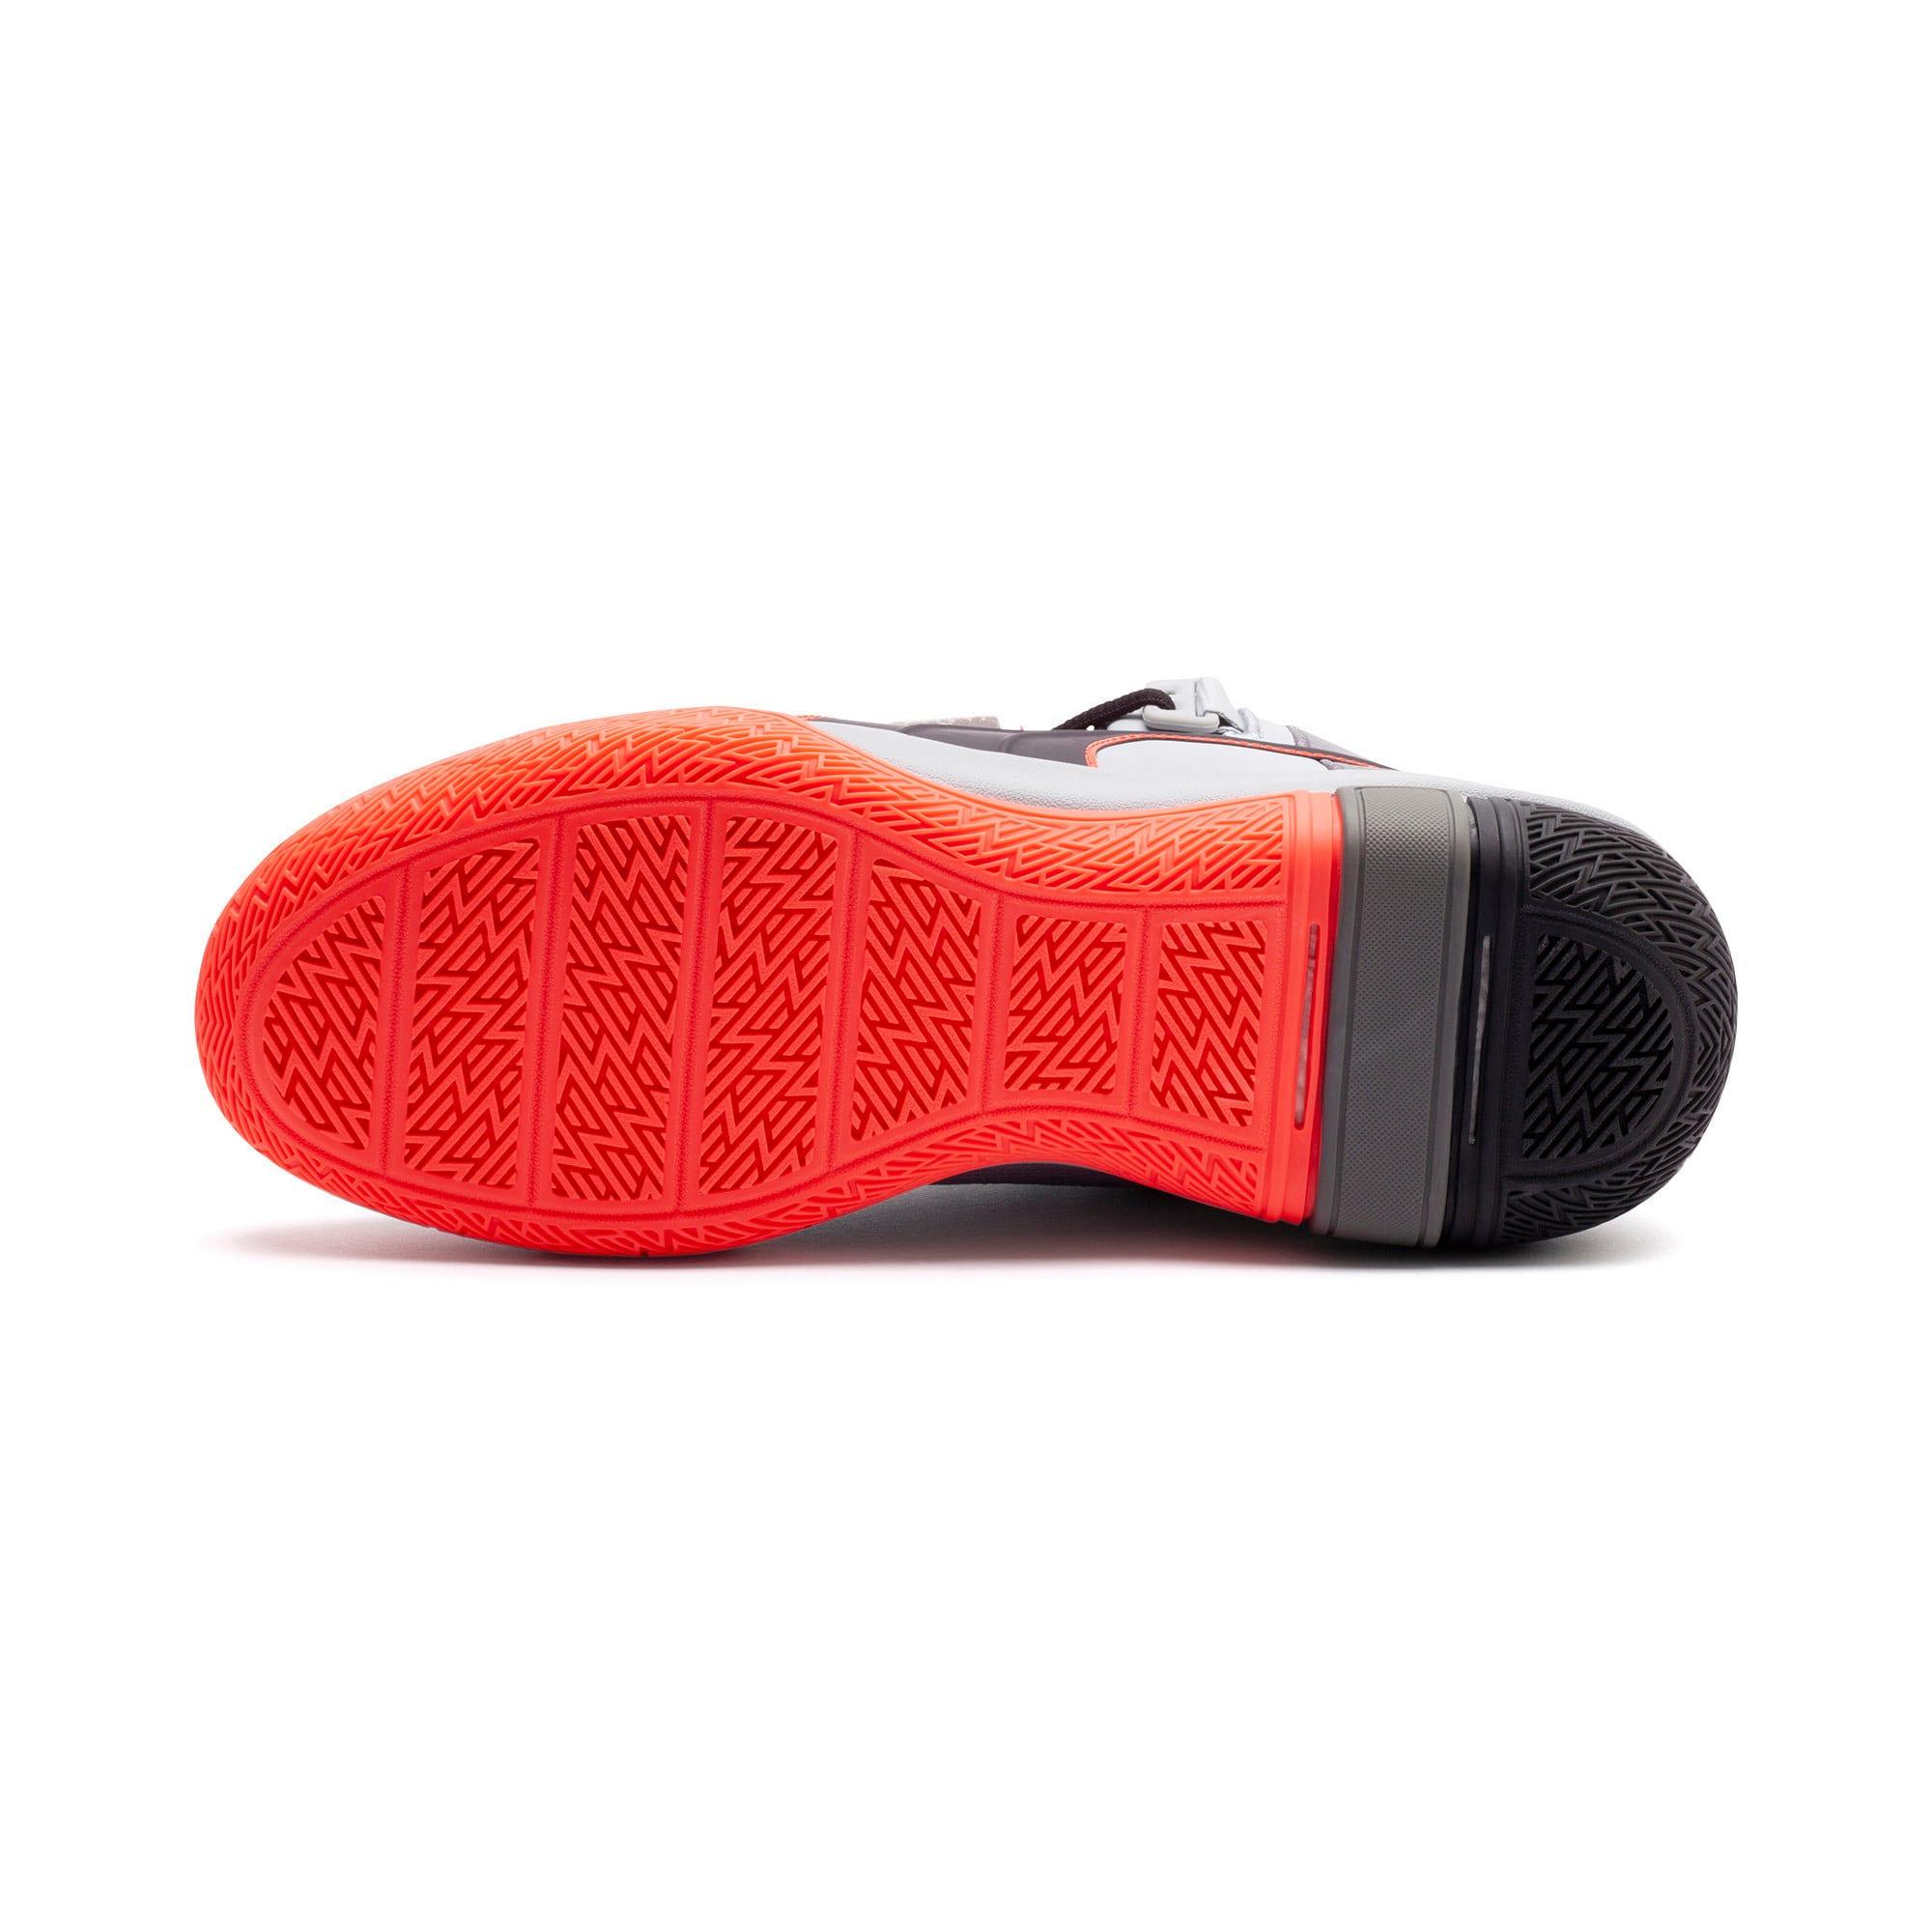 Thumbnail 4 of Chaussure de basket Legacy Disrupt pour homme, Puma Black-Red Blast, medium